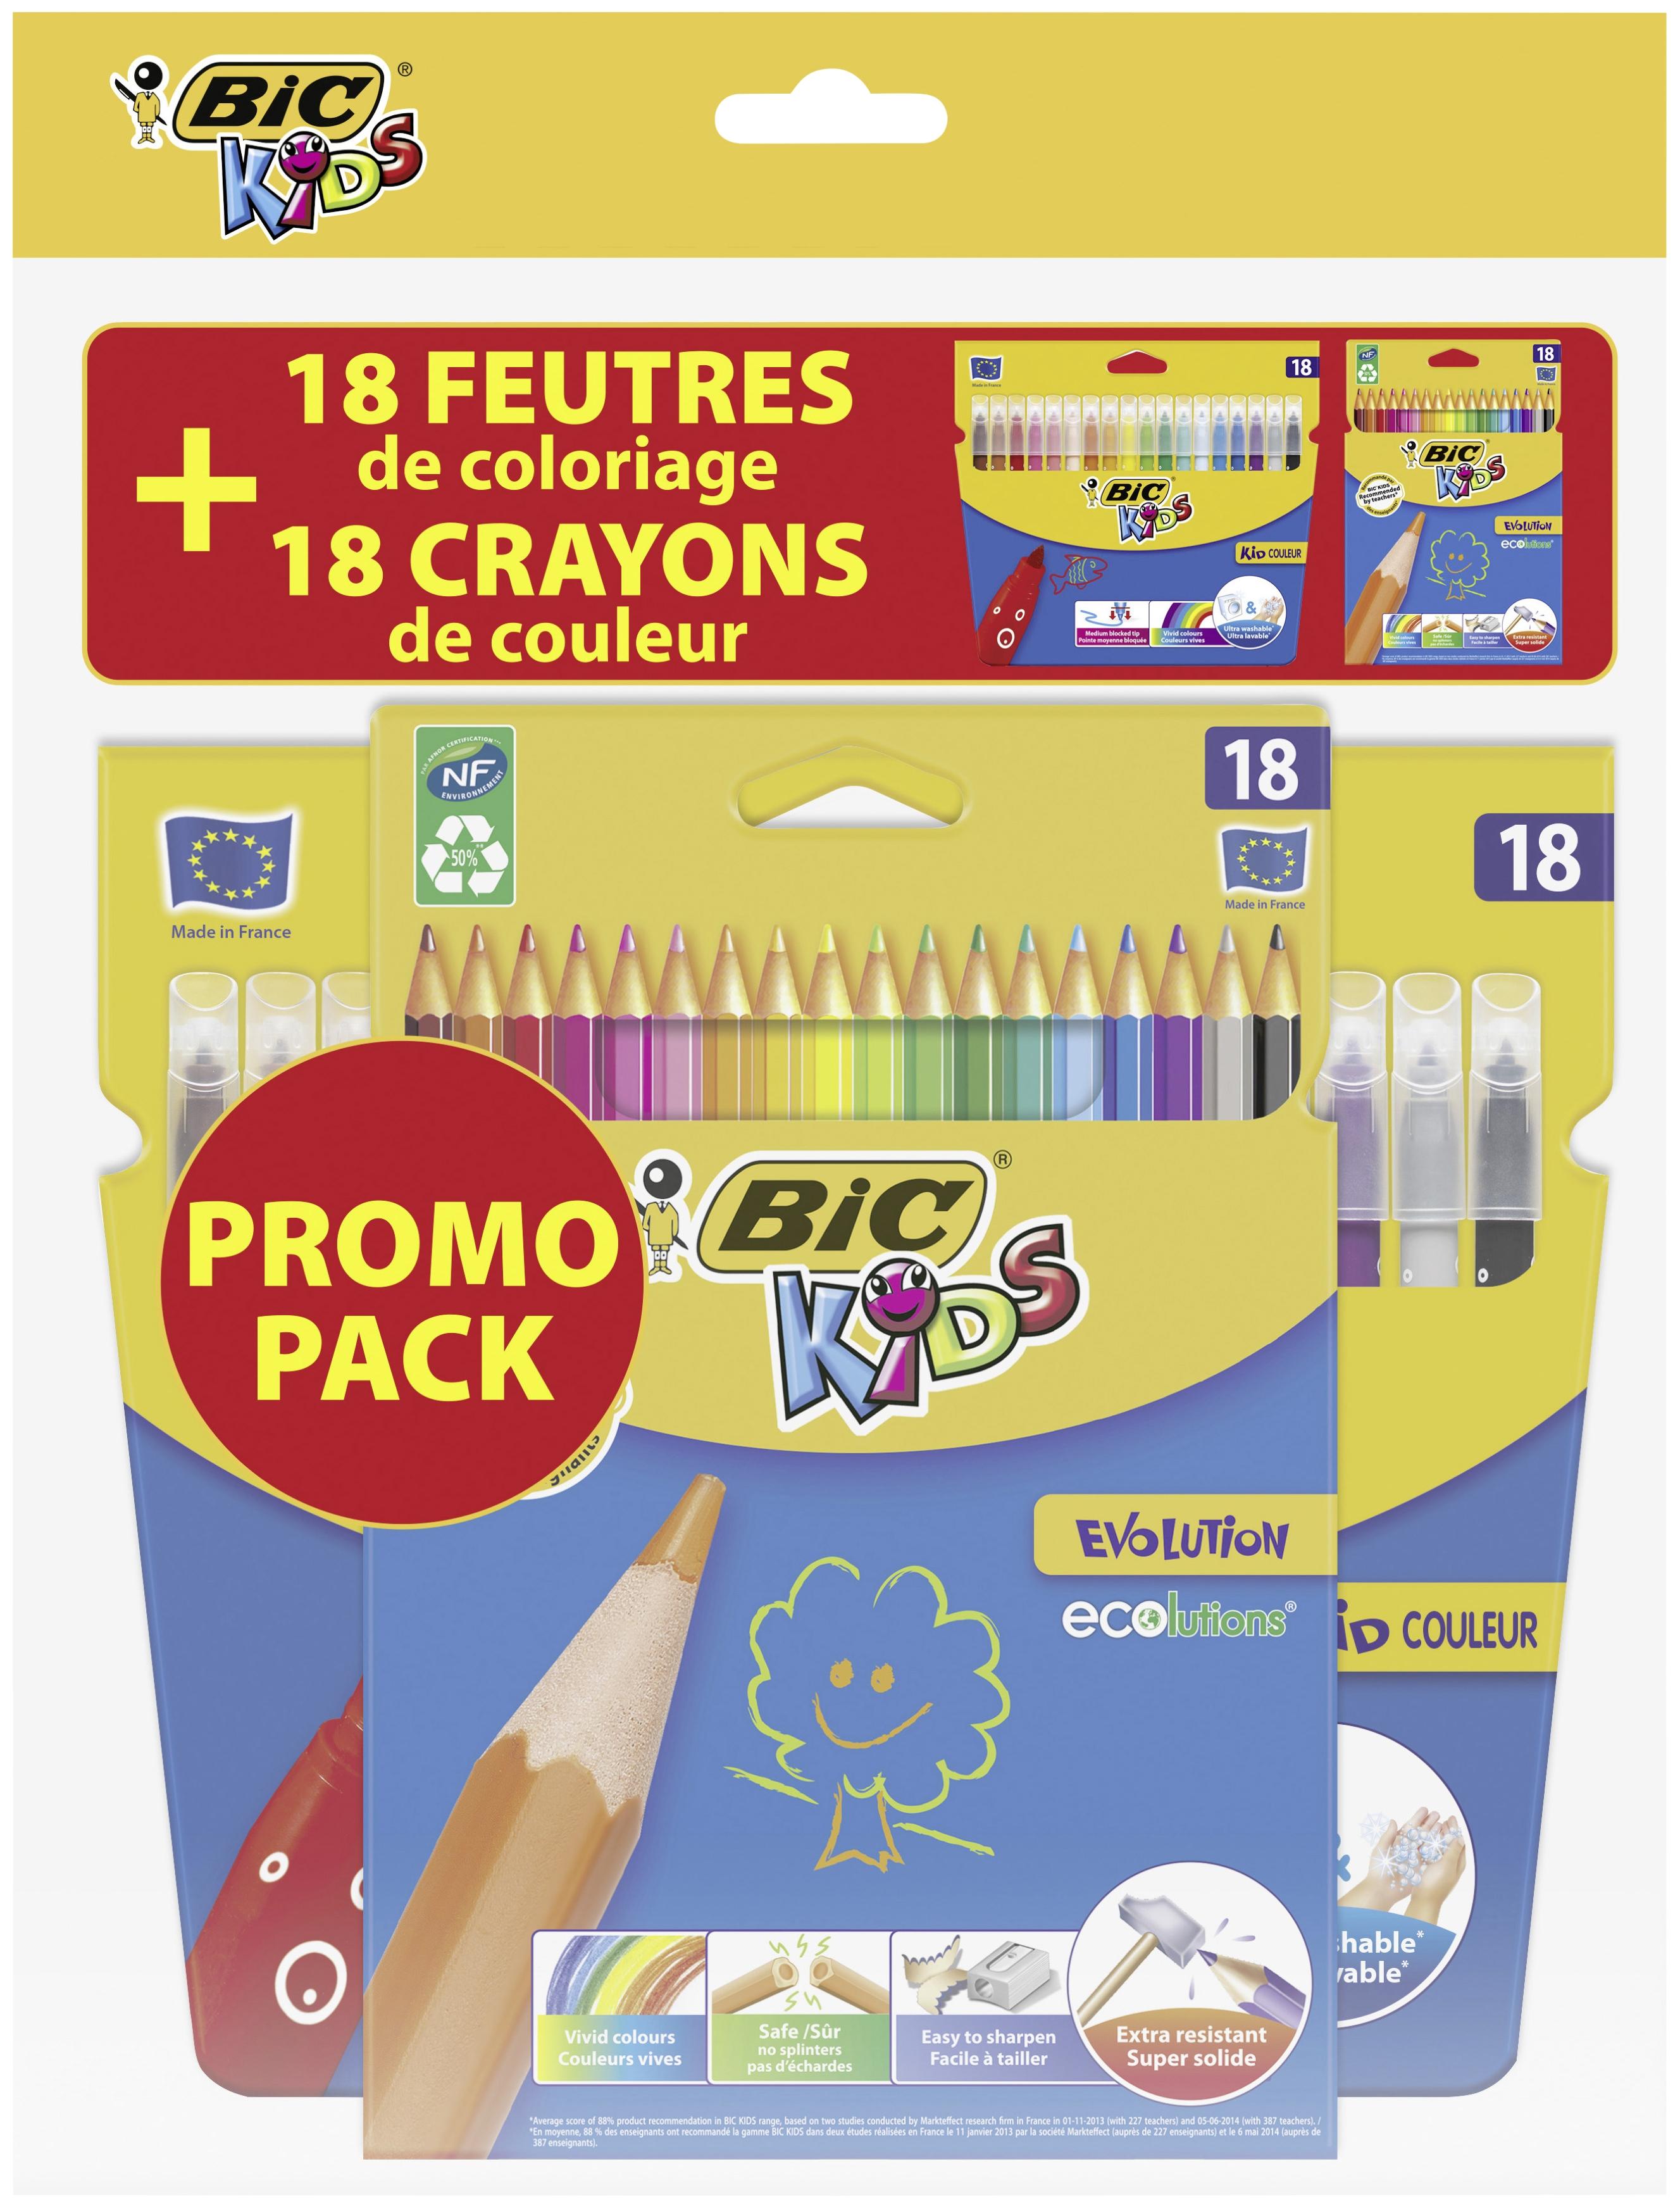 Lot de 18 Feutres de coloriage Bic Kid couleurs + 18 crayons de couleurs Bic Evolution (via 3€ sur la carte de fidélité)